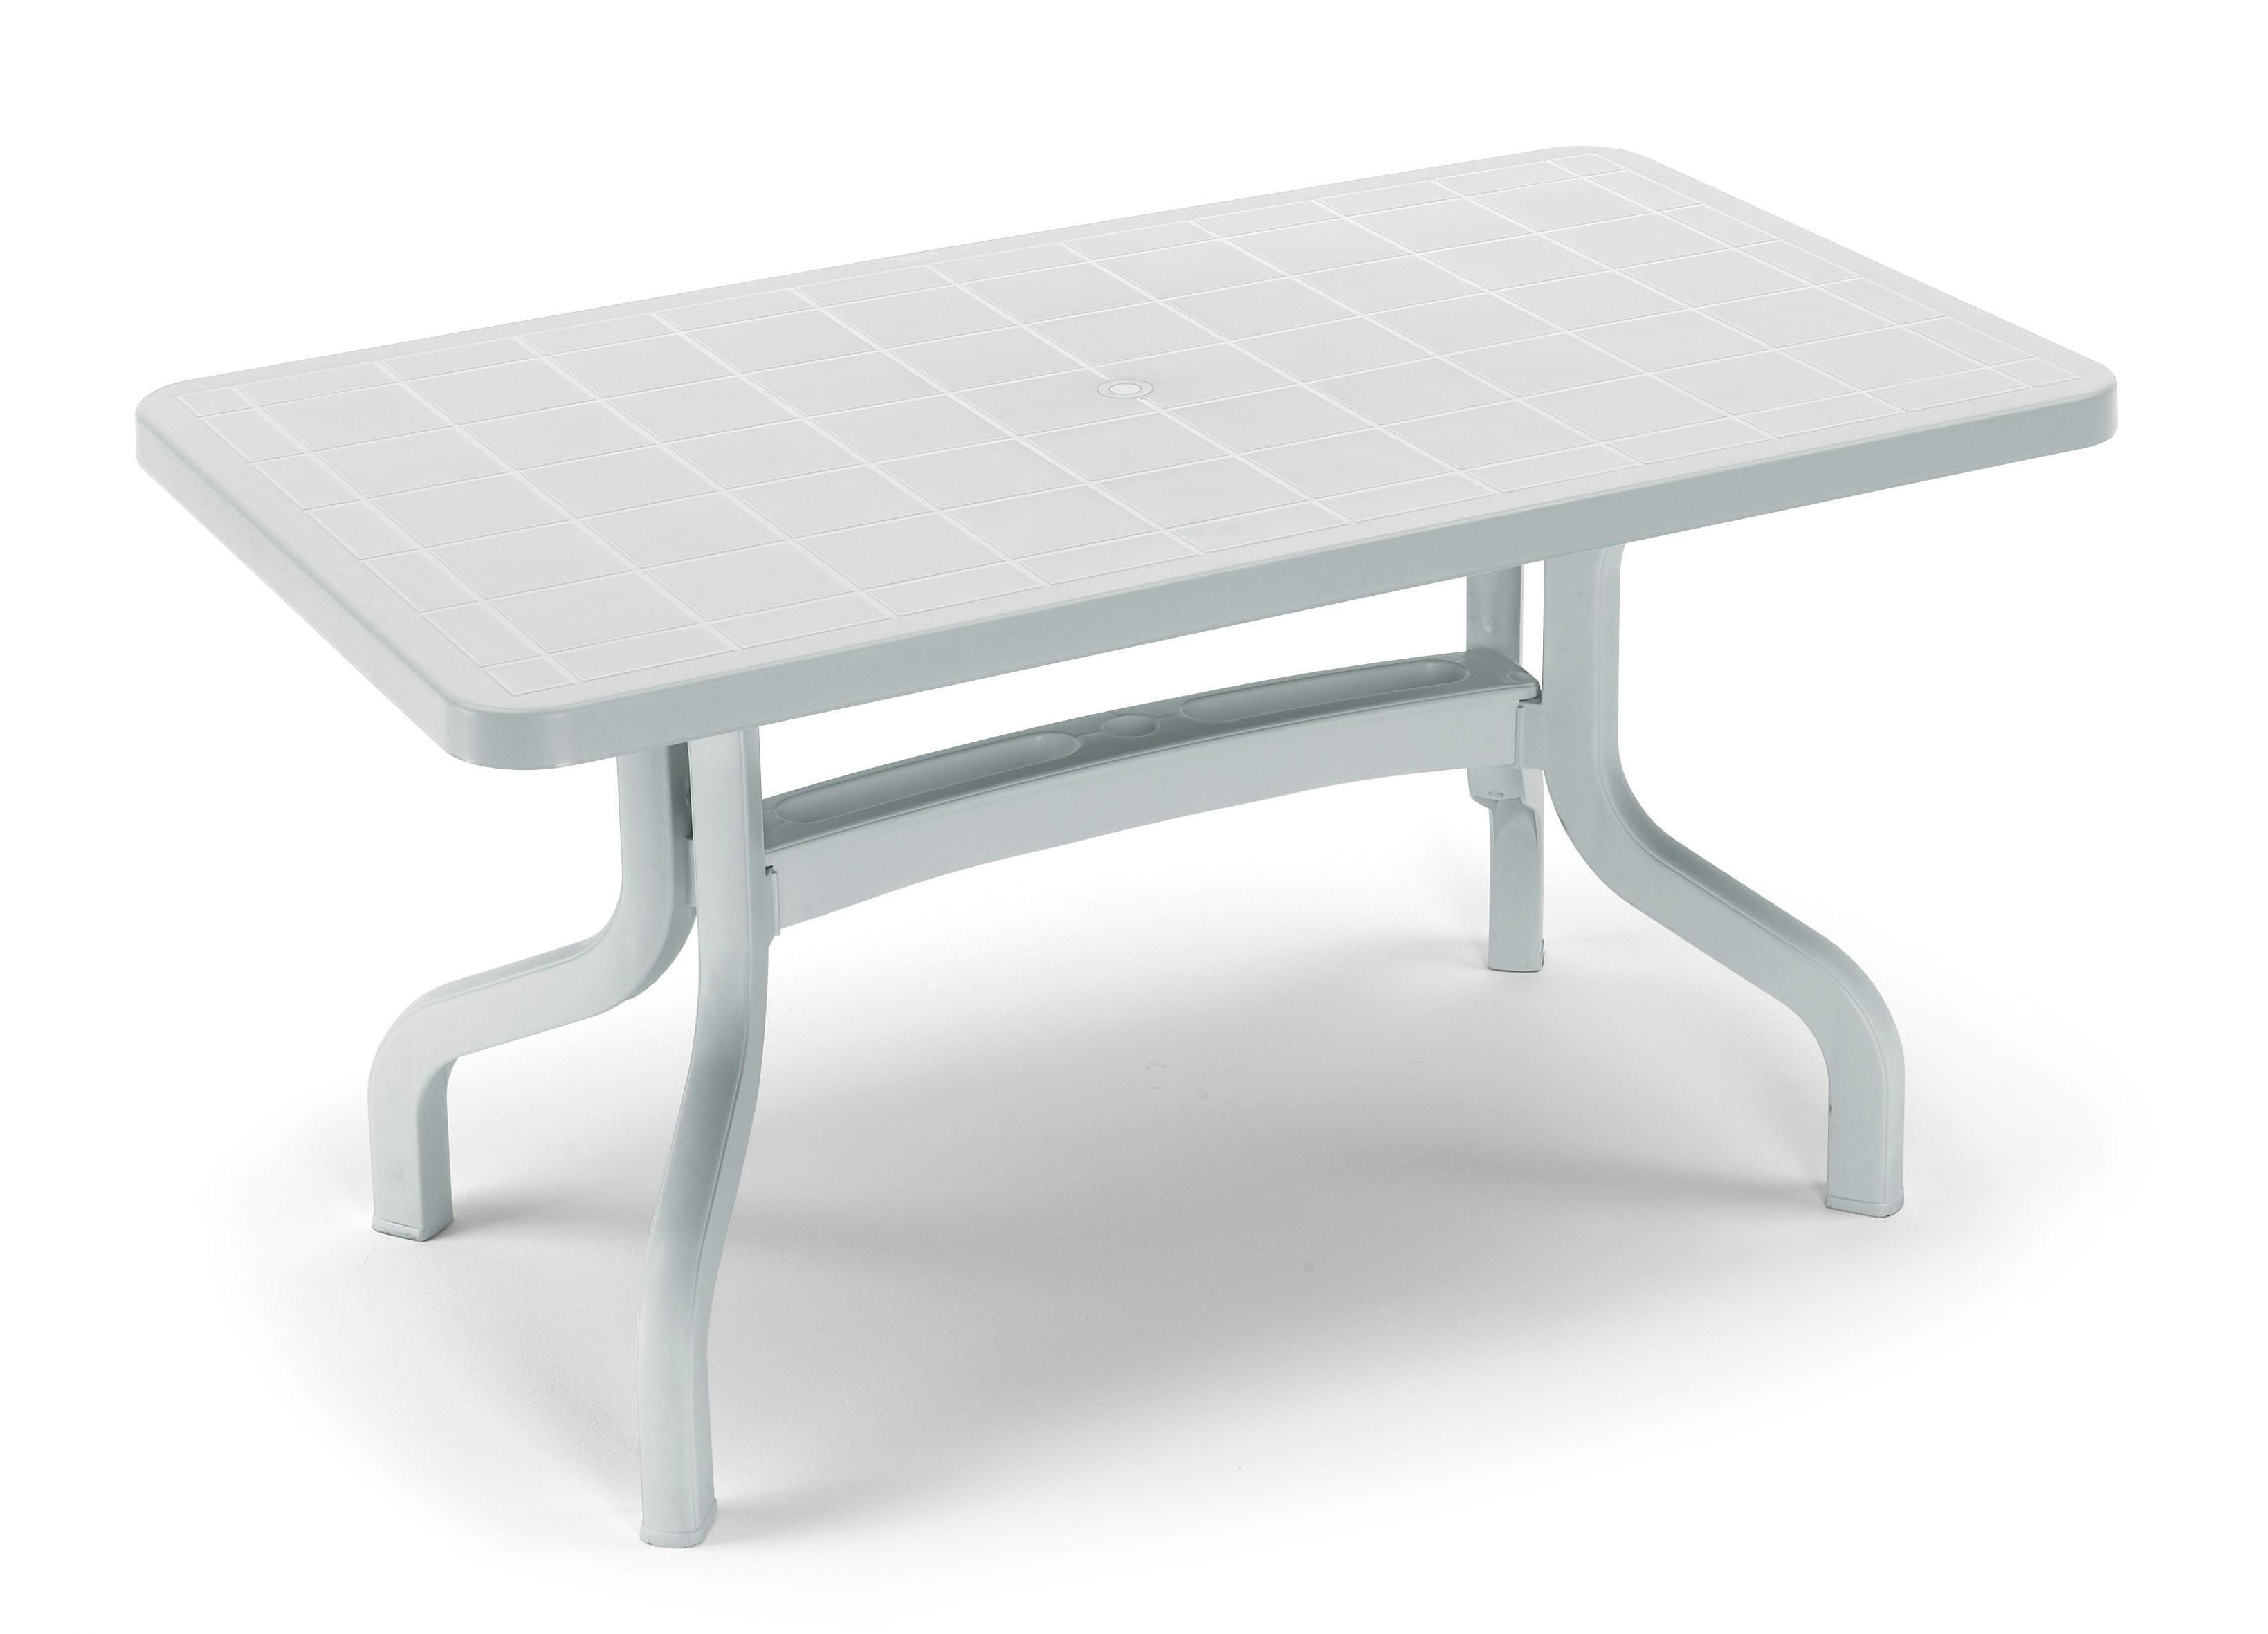 Tavolo resina ribalto lamacchia mobili da giardino riccione - Tavoli in resina da esterno ...